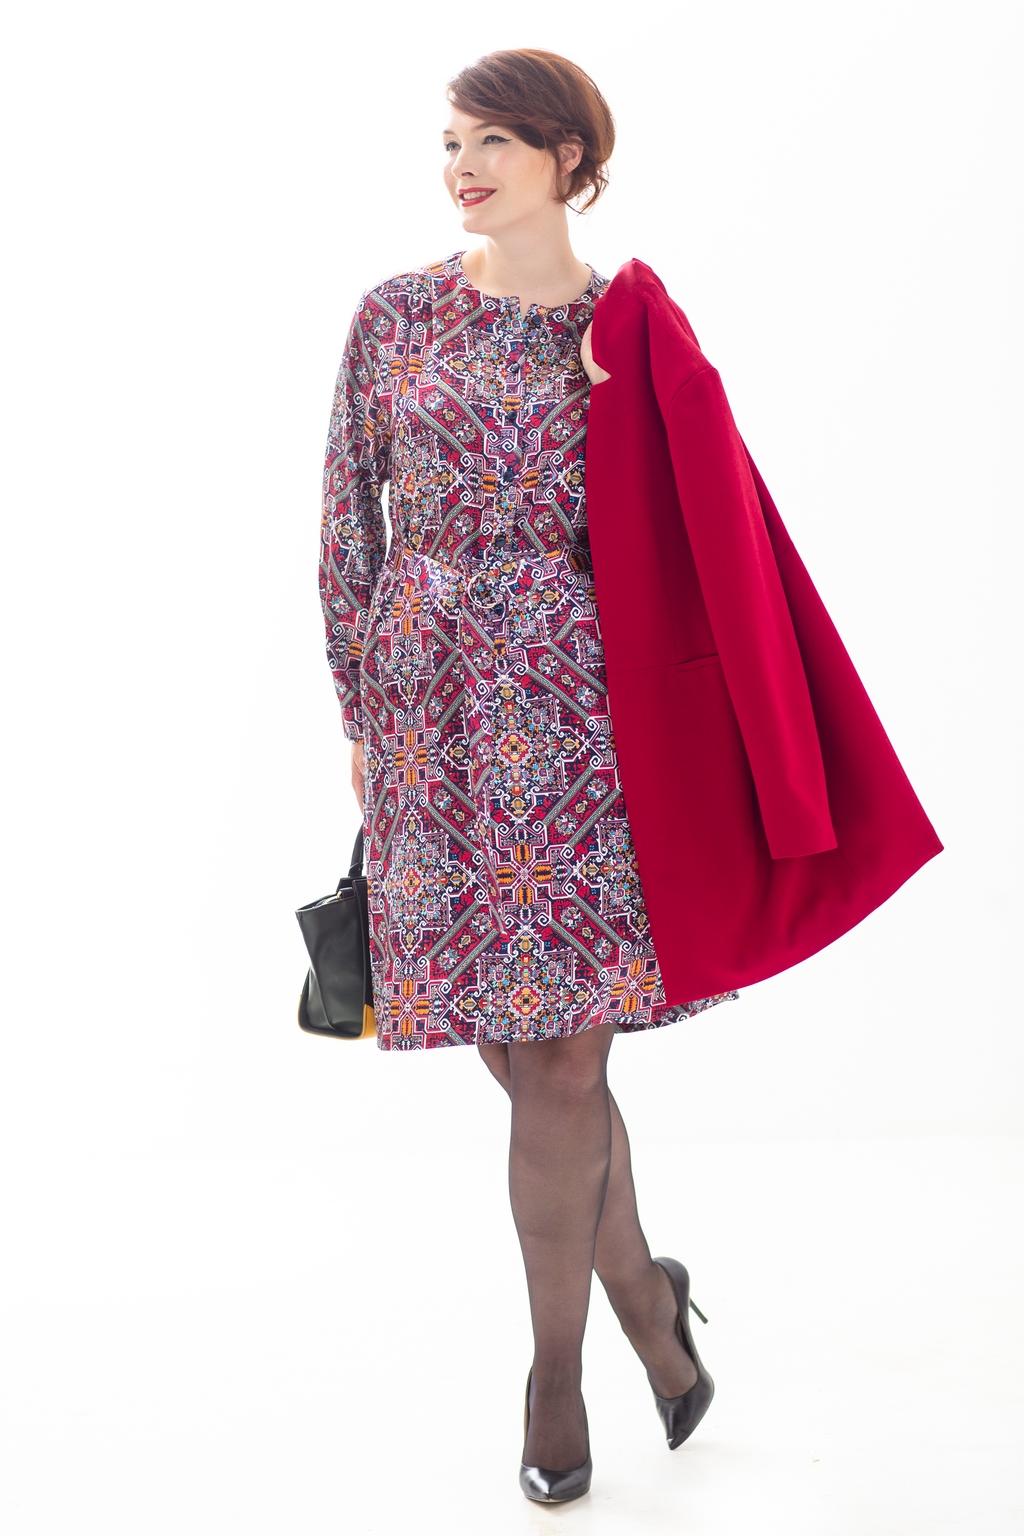 jurk + jasje